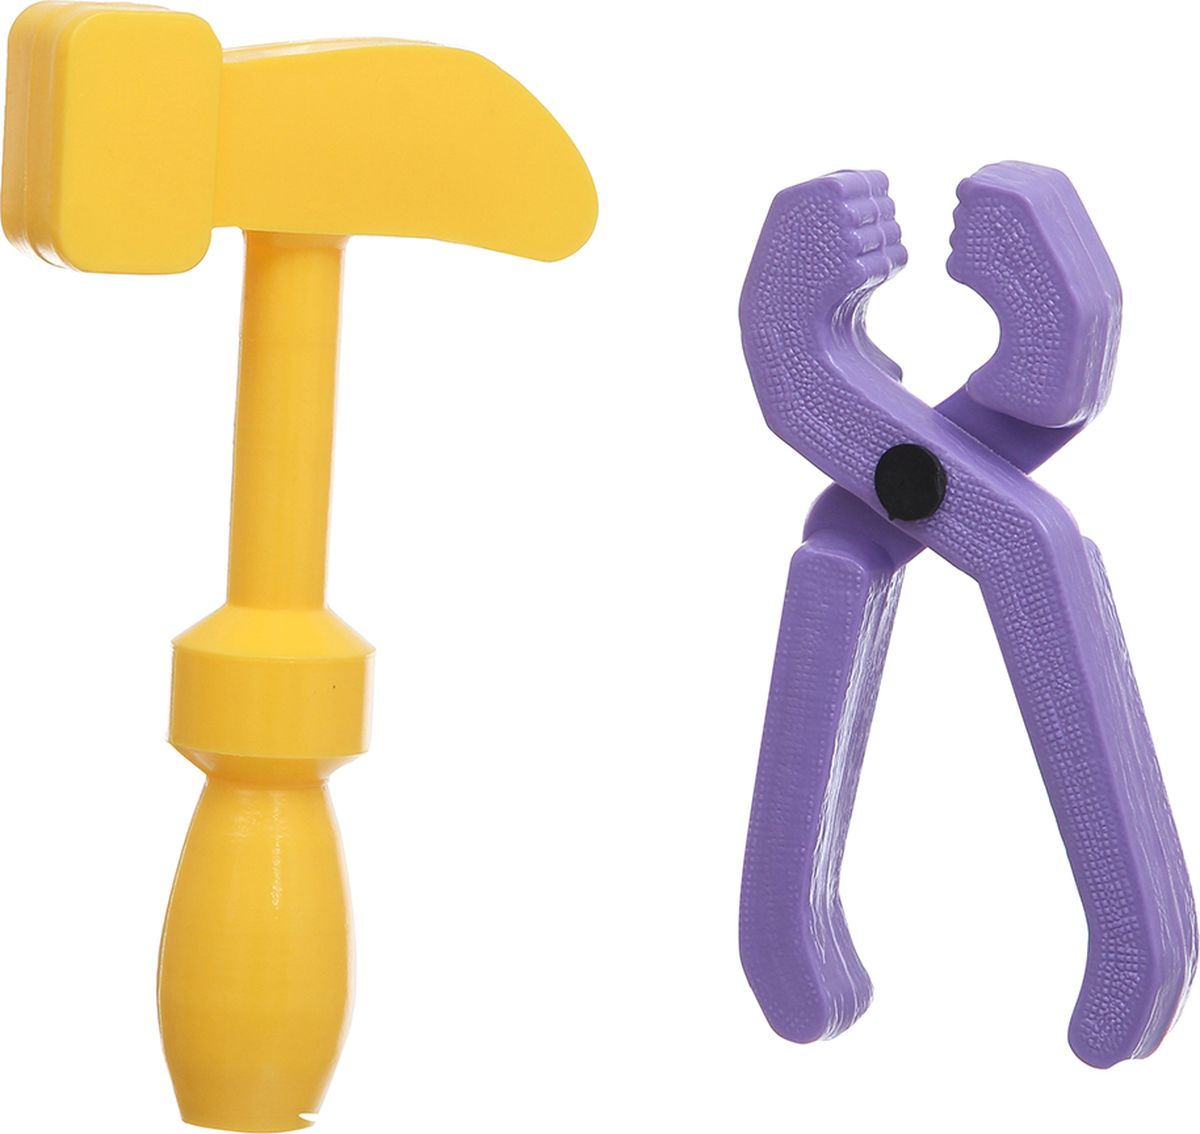 РосИгрушка Набор игрушечных инструментов для столяра игрушки для зимы росигрушка песочный набор транспорт 3 л дорожный патруль